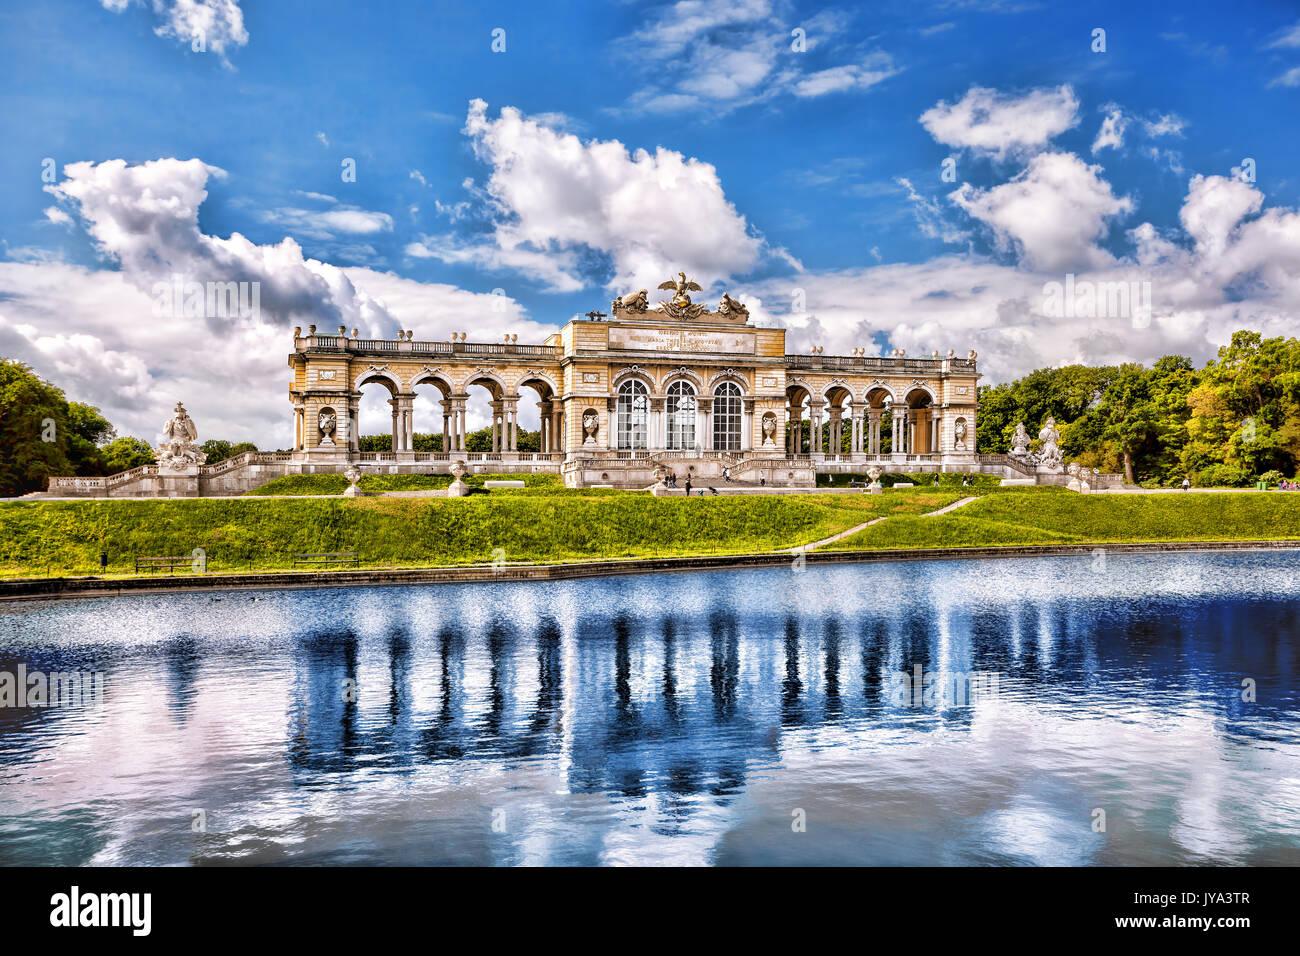 Famoso Gloriette con lago nel Palazzo di Schonbrunn, Vienna, Austria Immagini Stock